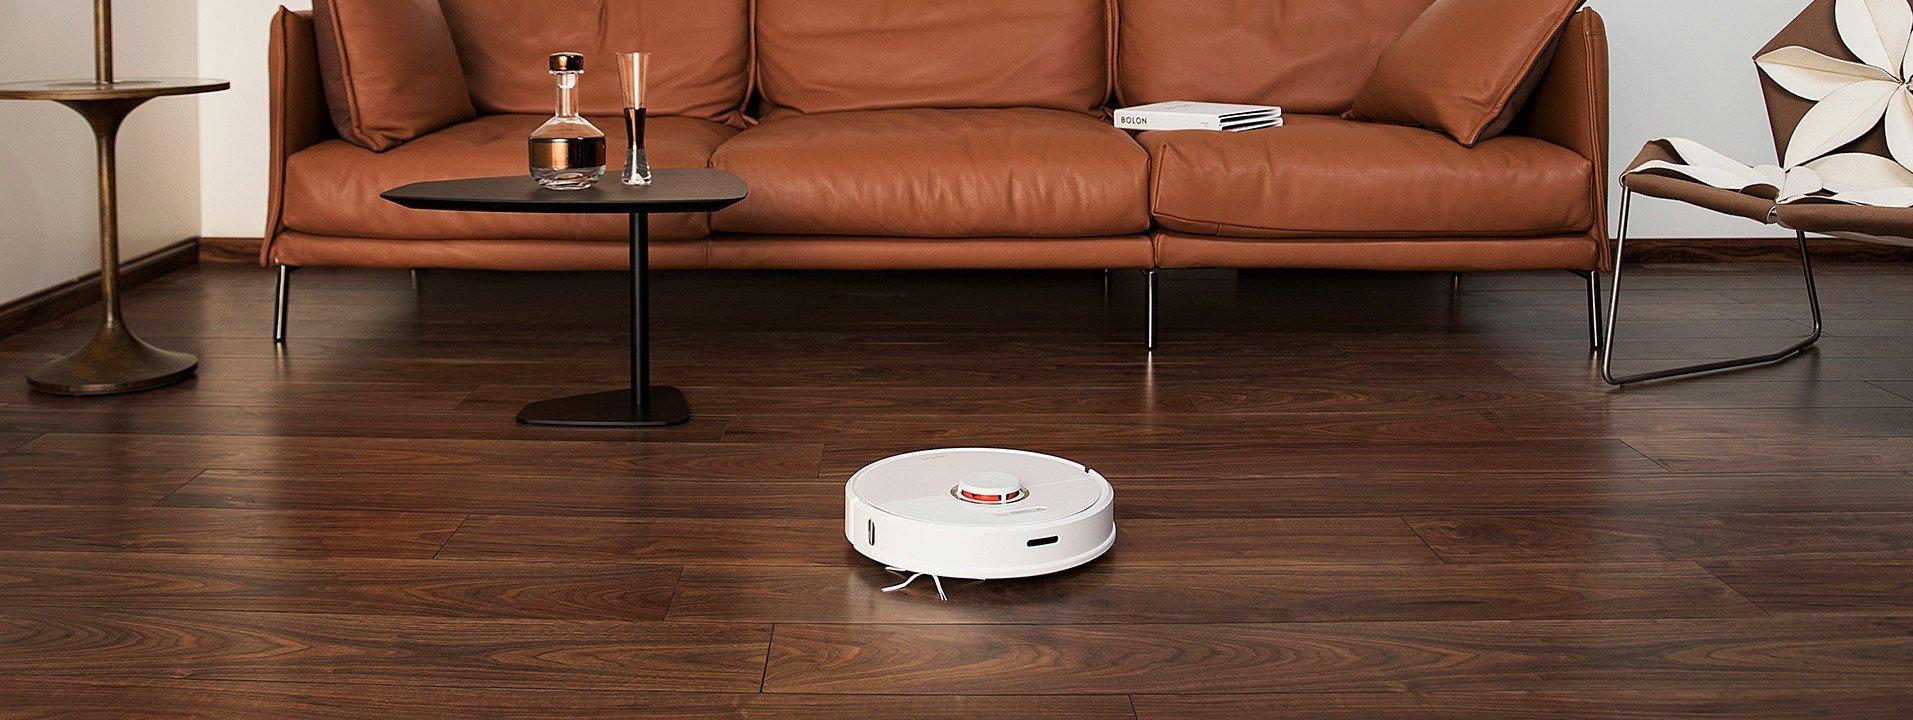 Roomba s9 vs Roborock S6